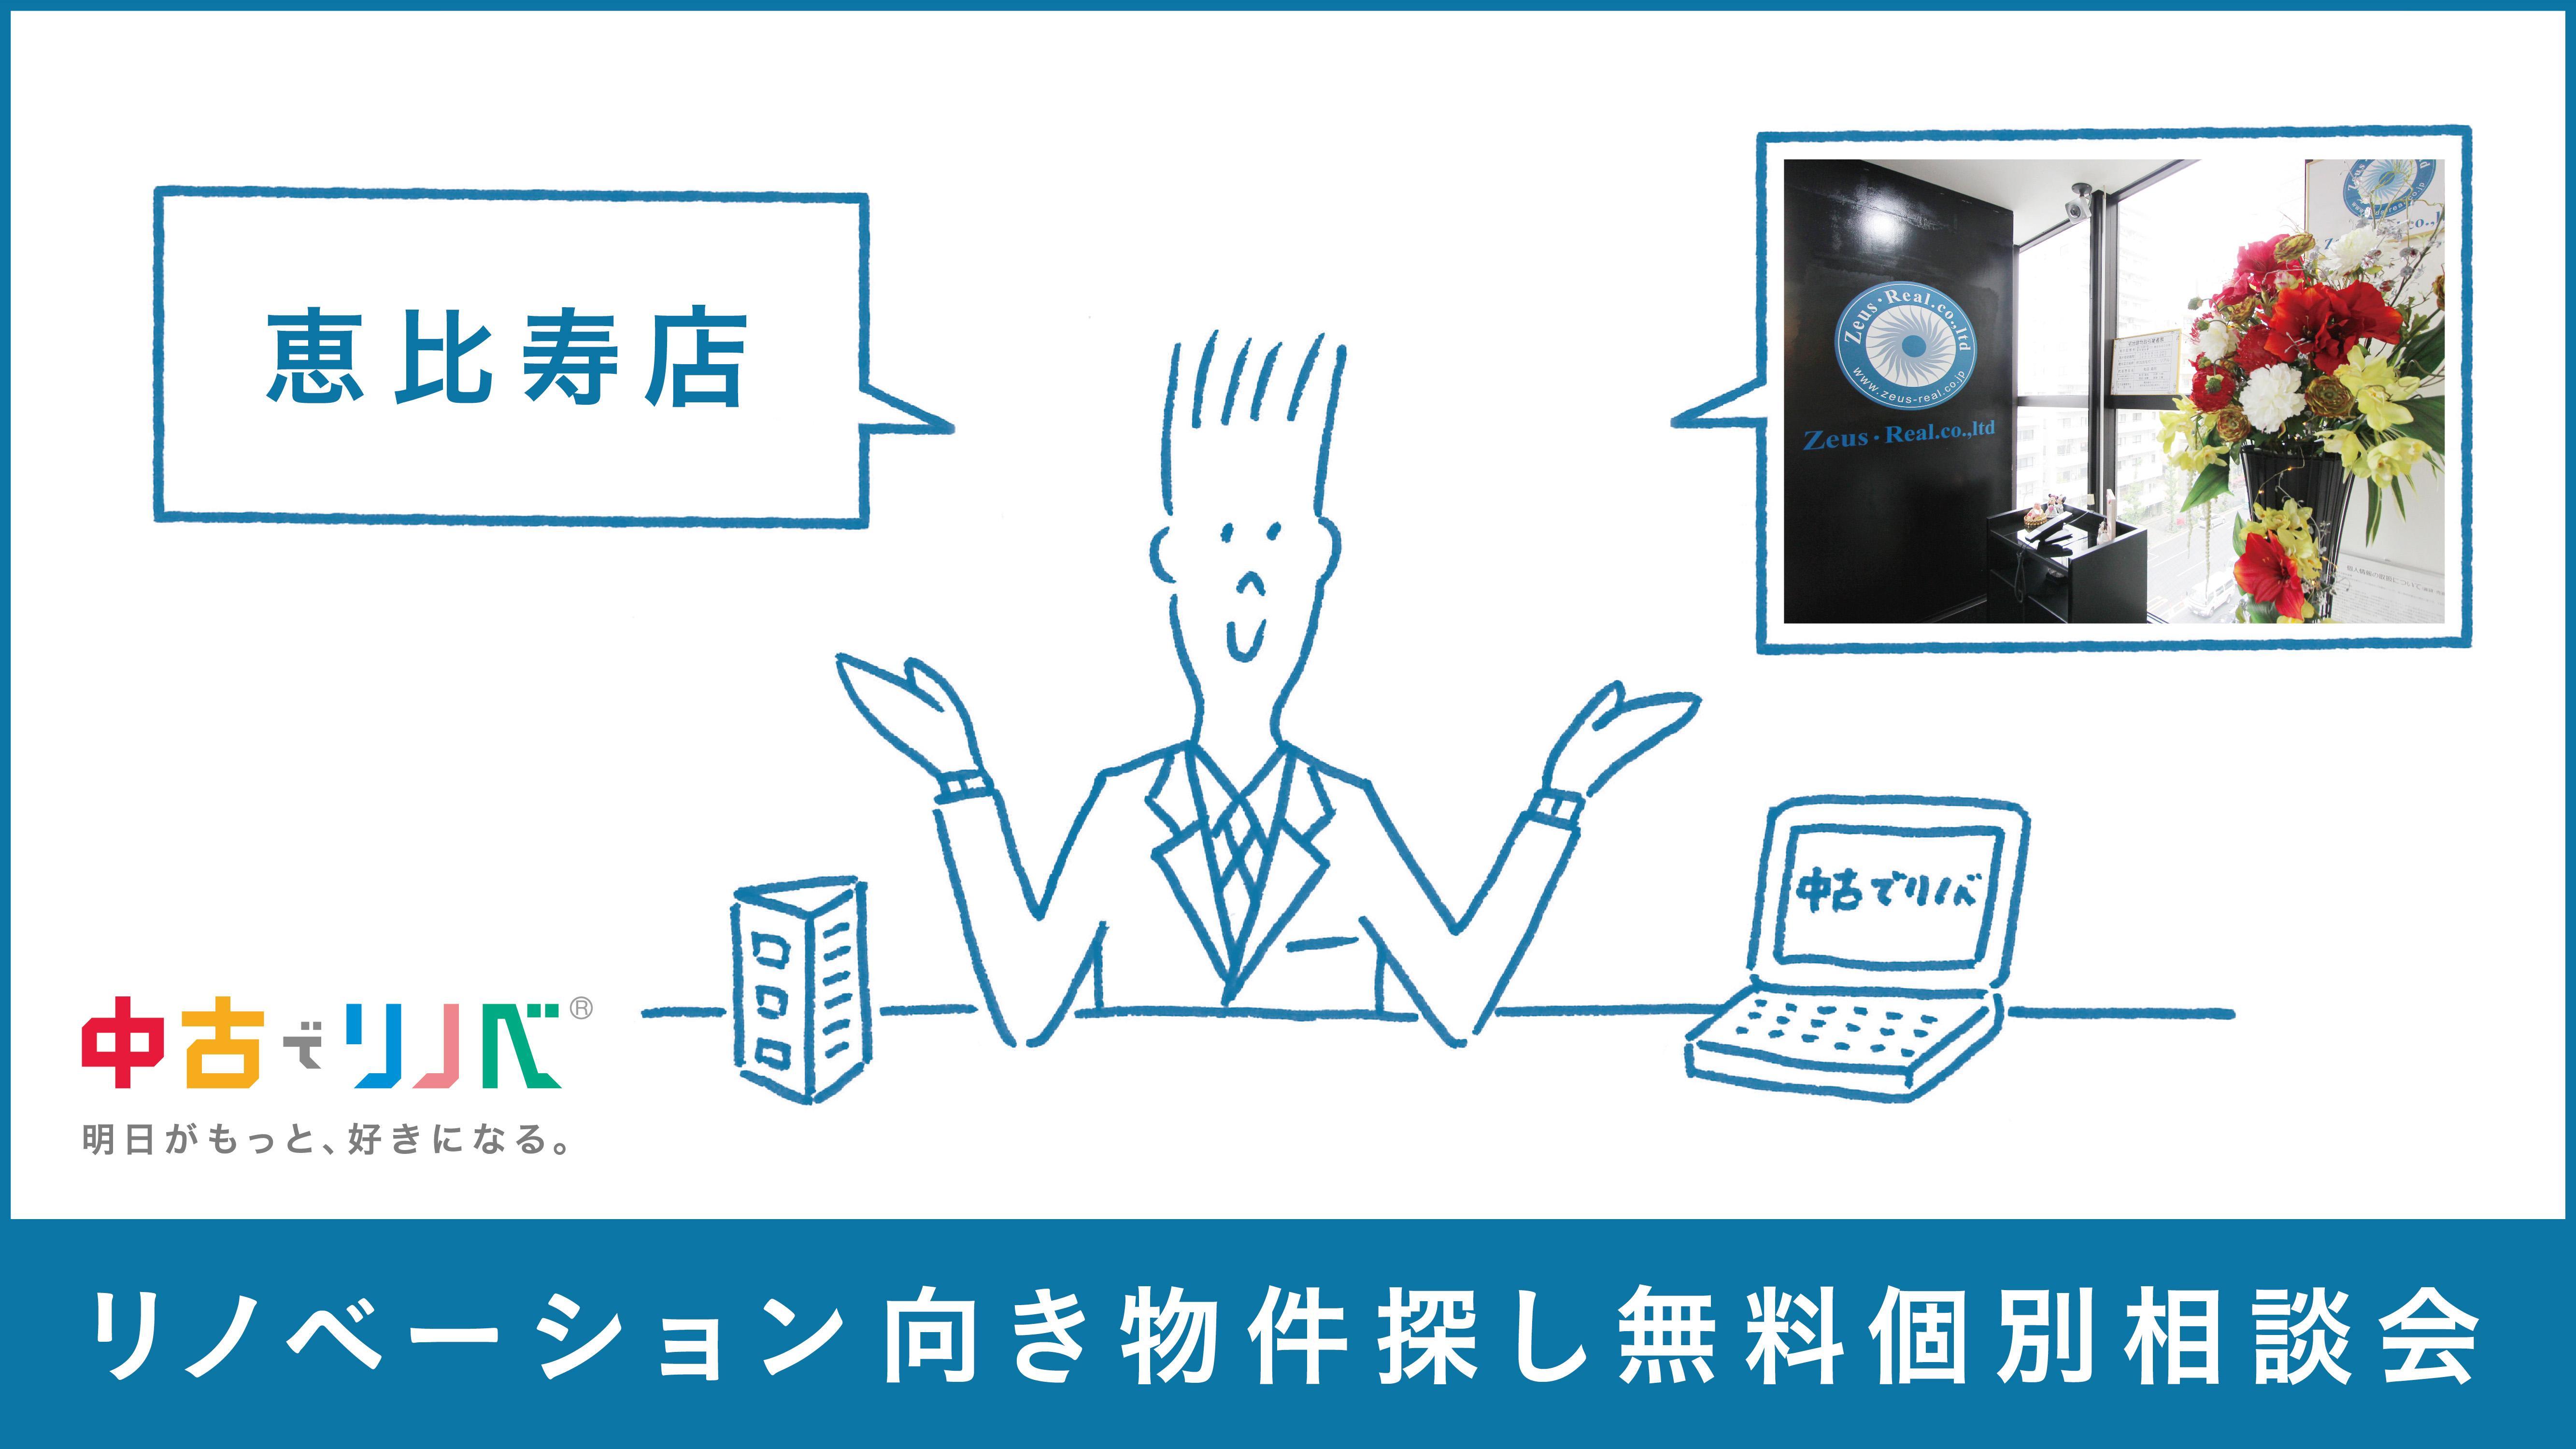 【2/17(土)18(日) in恵比寿】リノベーション向き物件探し無料個別相談会